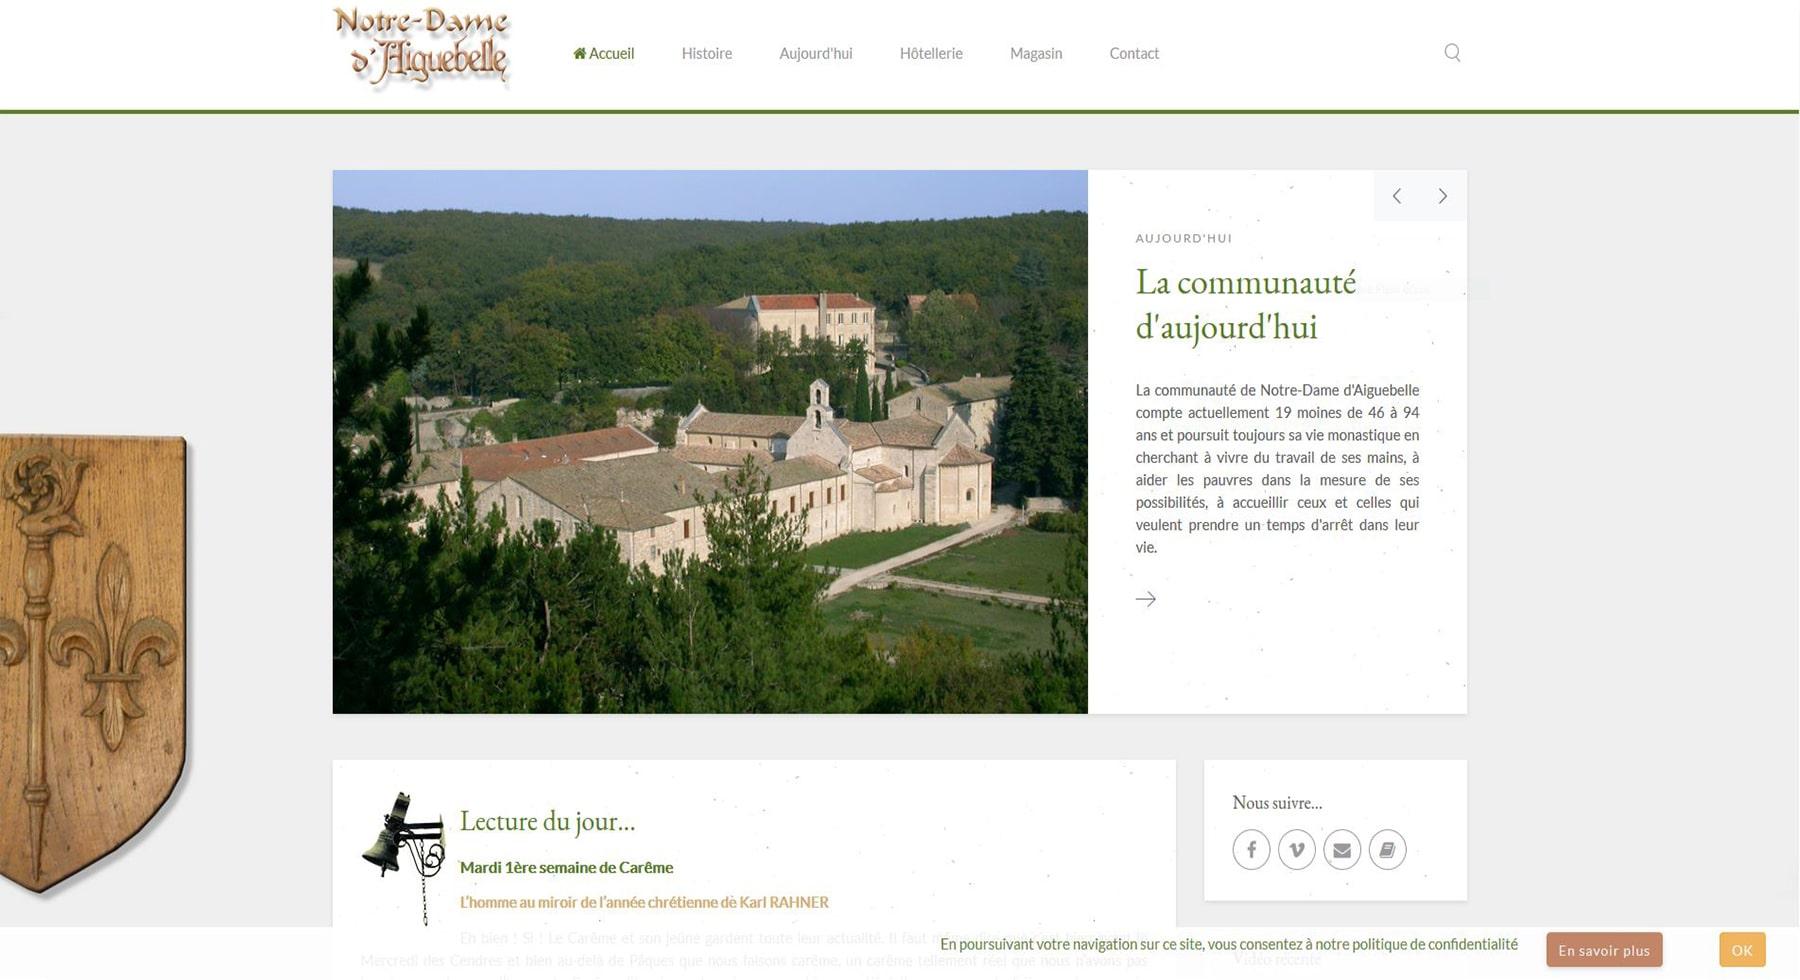 Notre Dame d'Aiguebelle